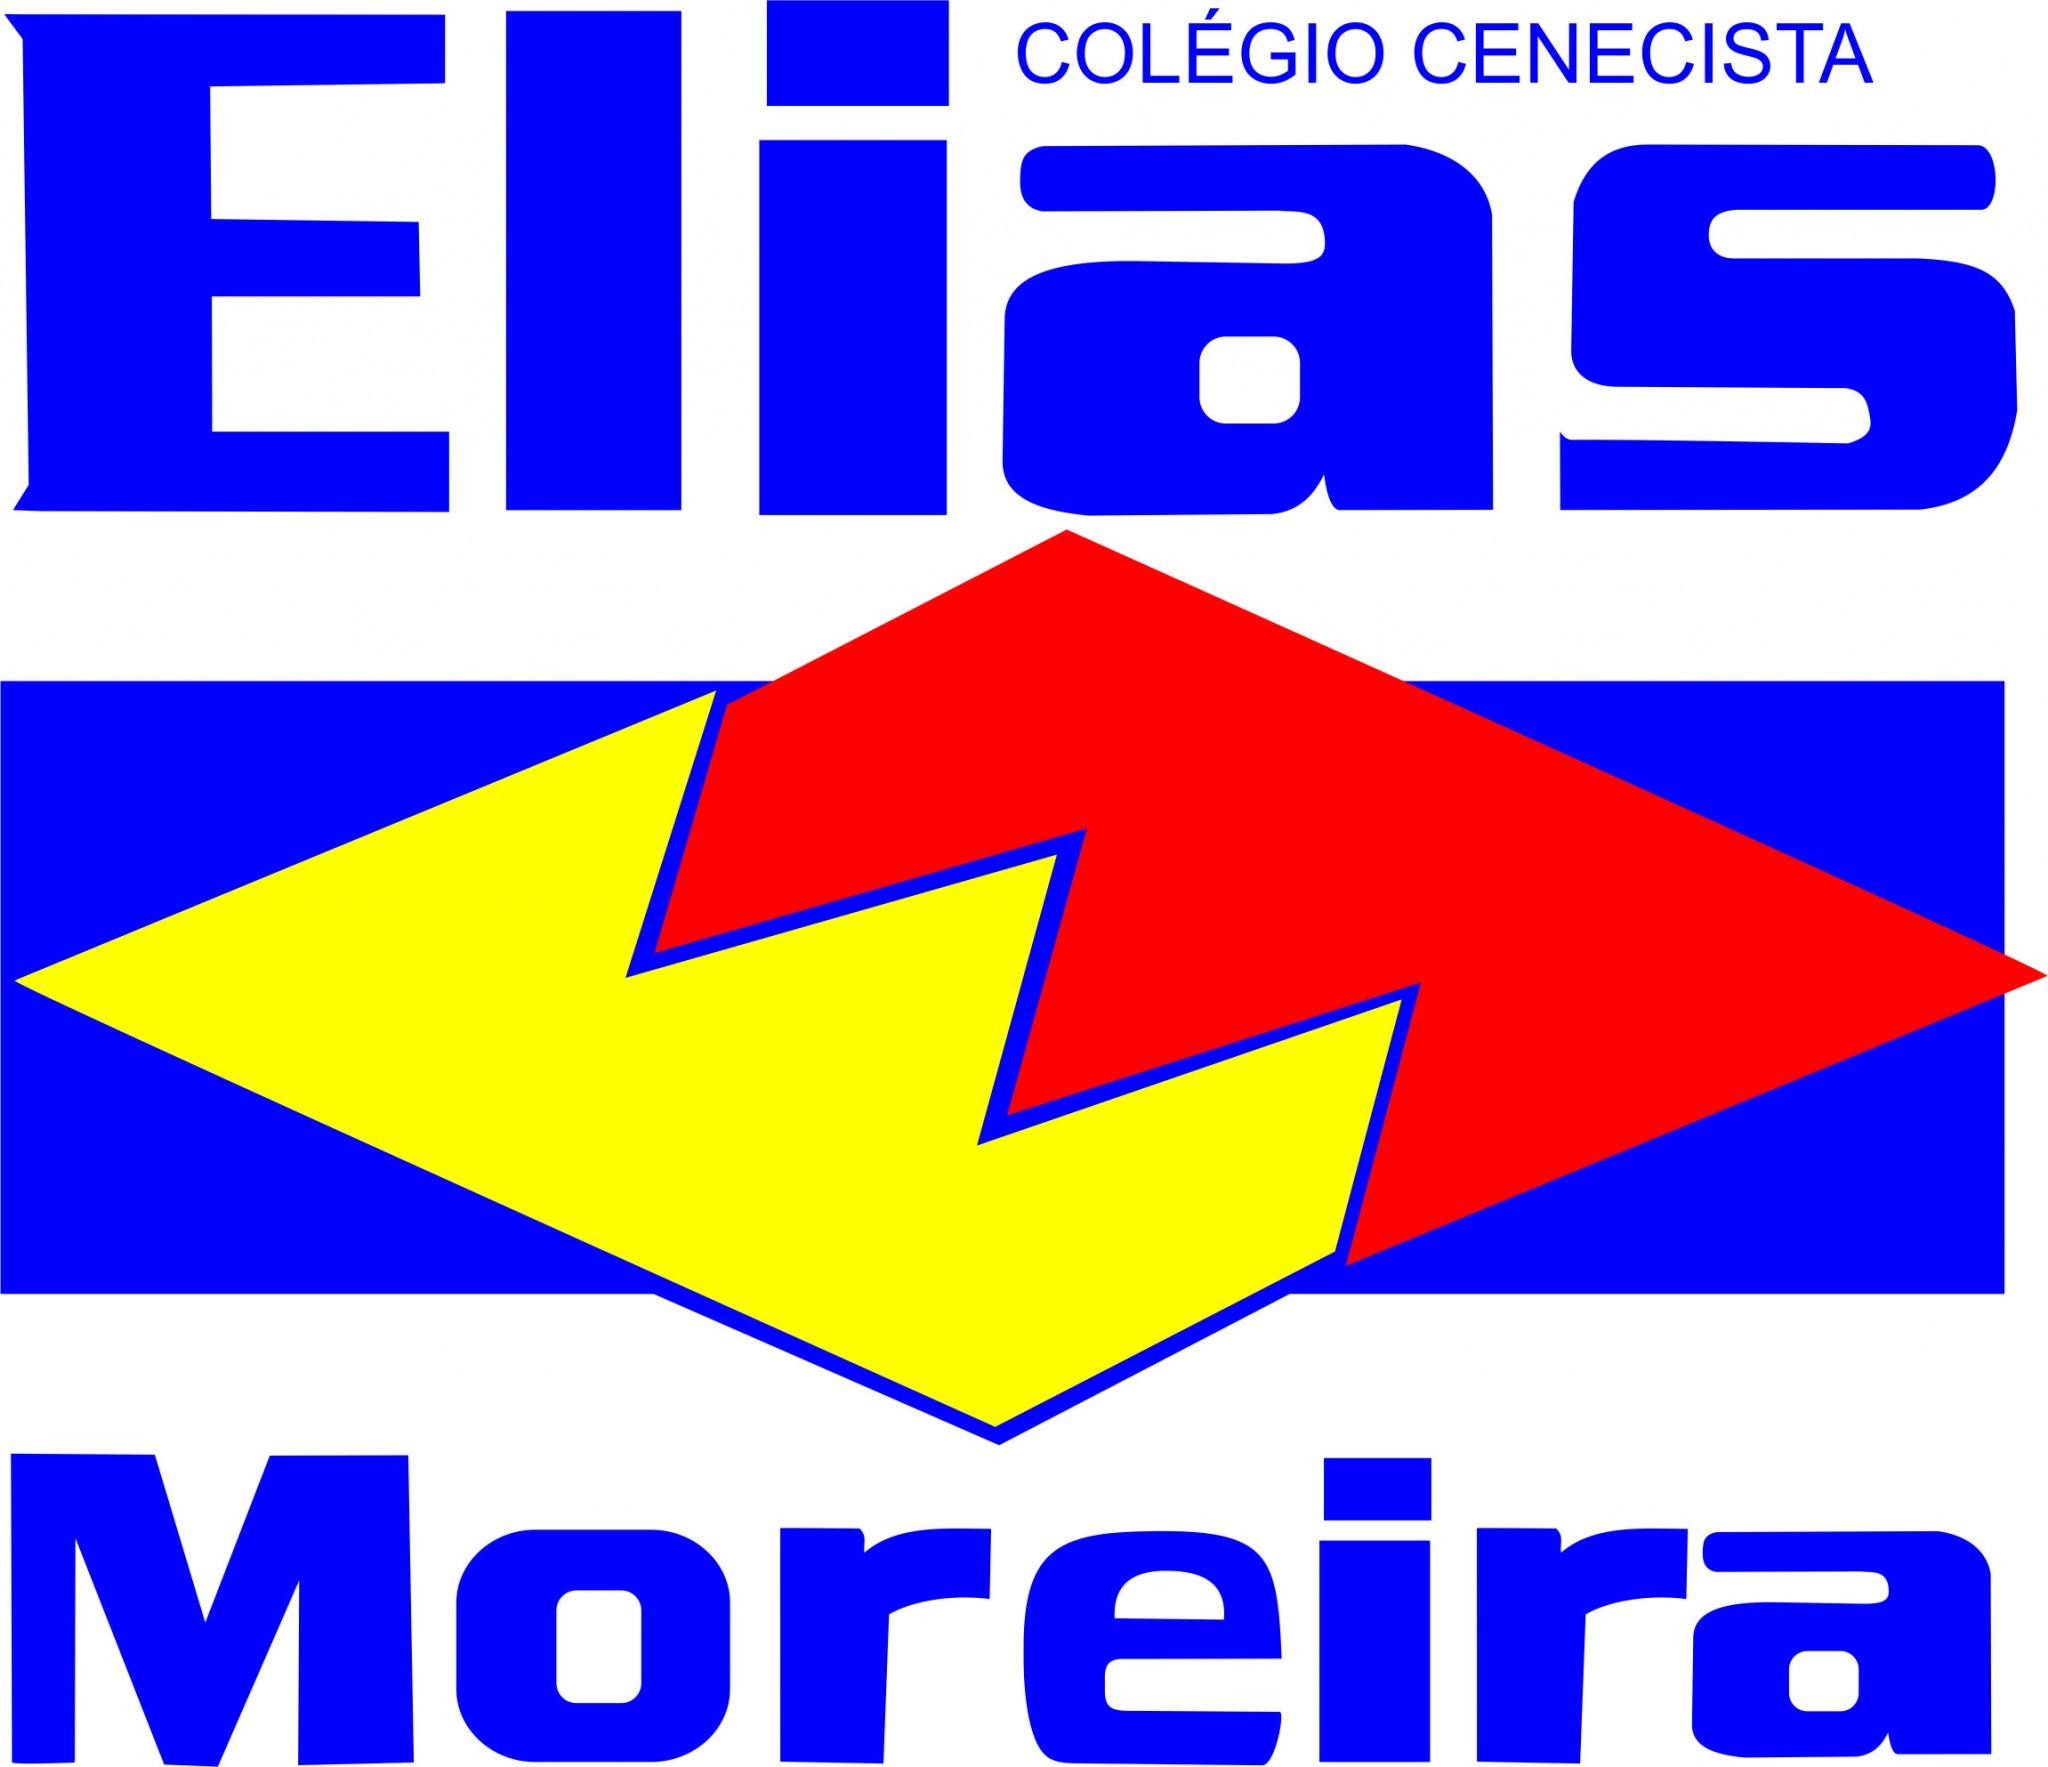 Elias Moreiro